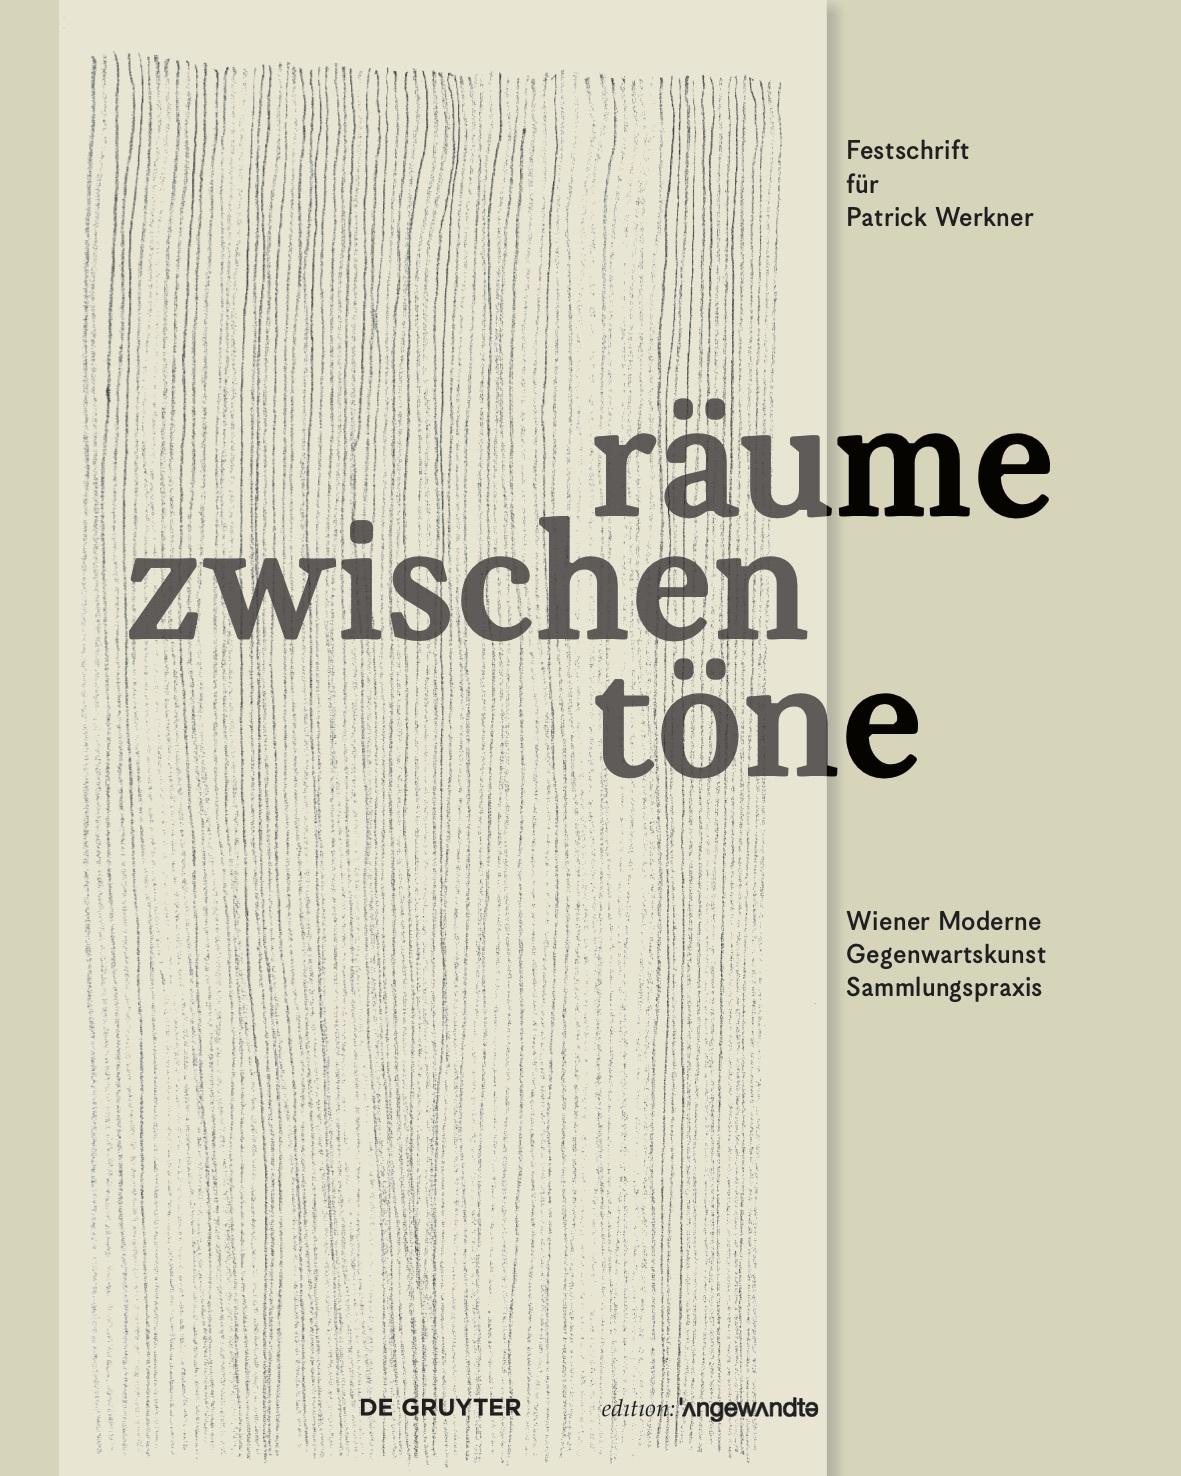 Buch Festschrift Werkner 00 Cover Ansicht 1